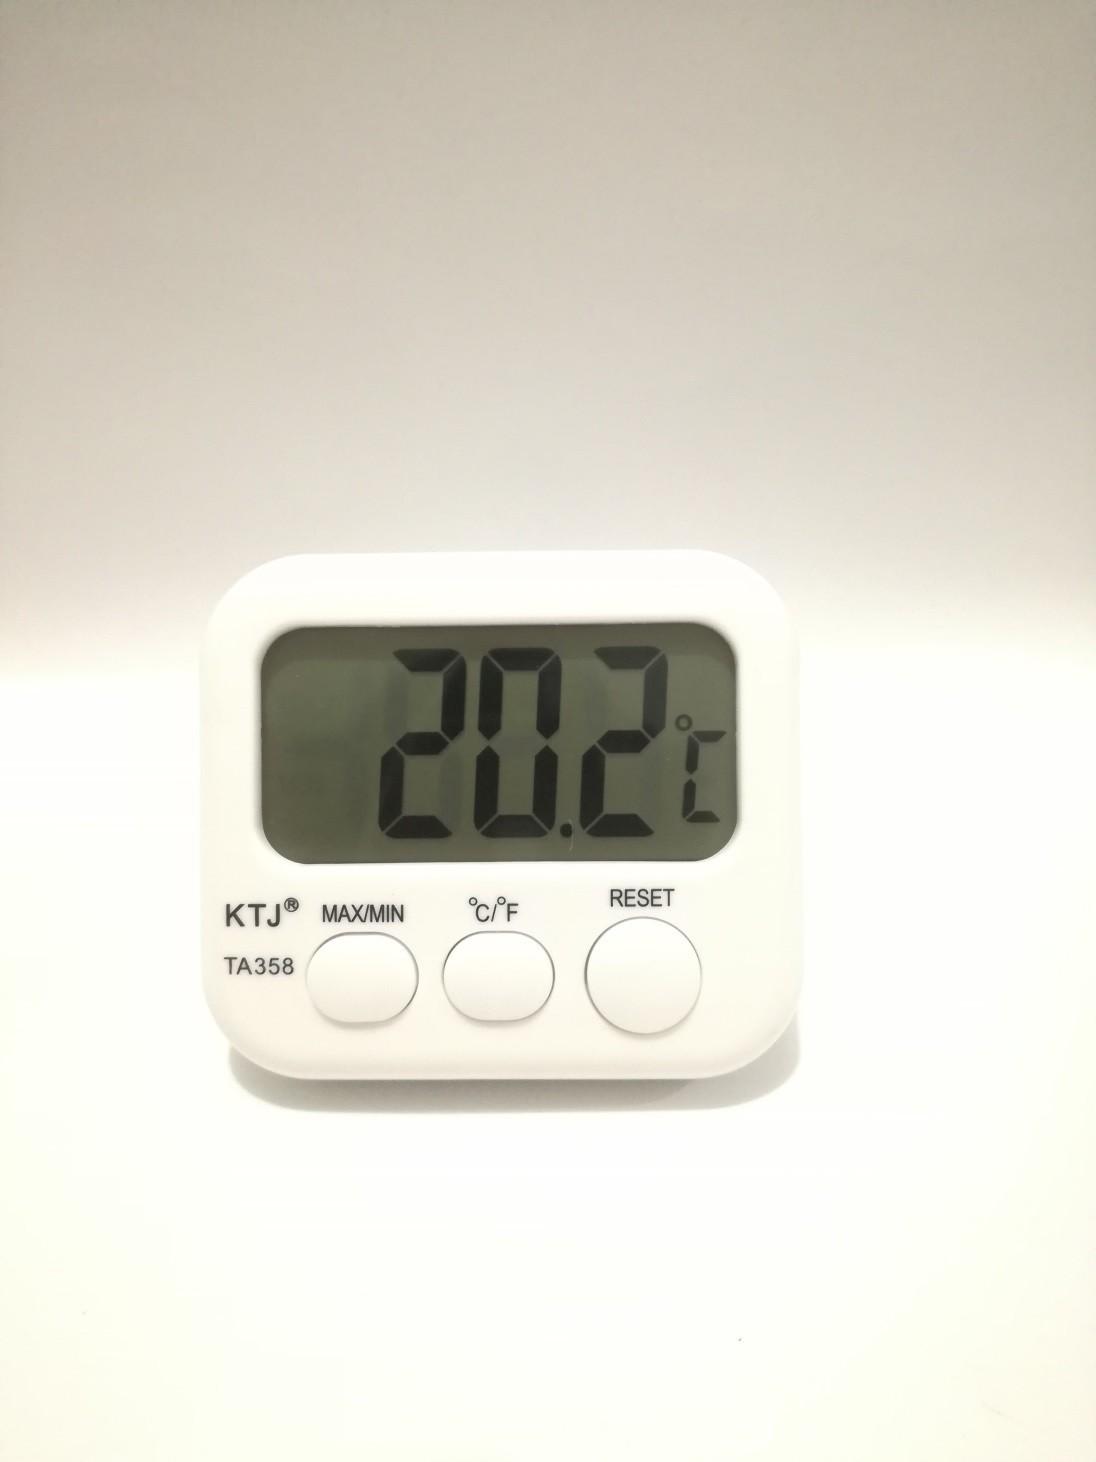 Termometro Ambiental Digital Fluidos Y Herramientas You can choose the termómetro ambiental apk. termometro ambiental digital fluidos